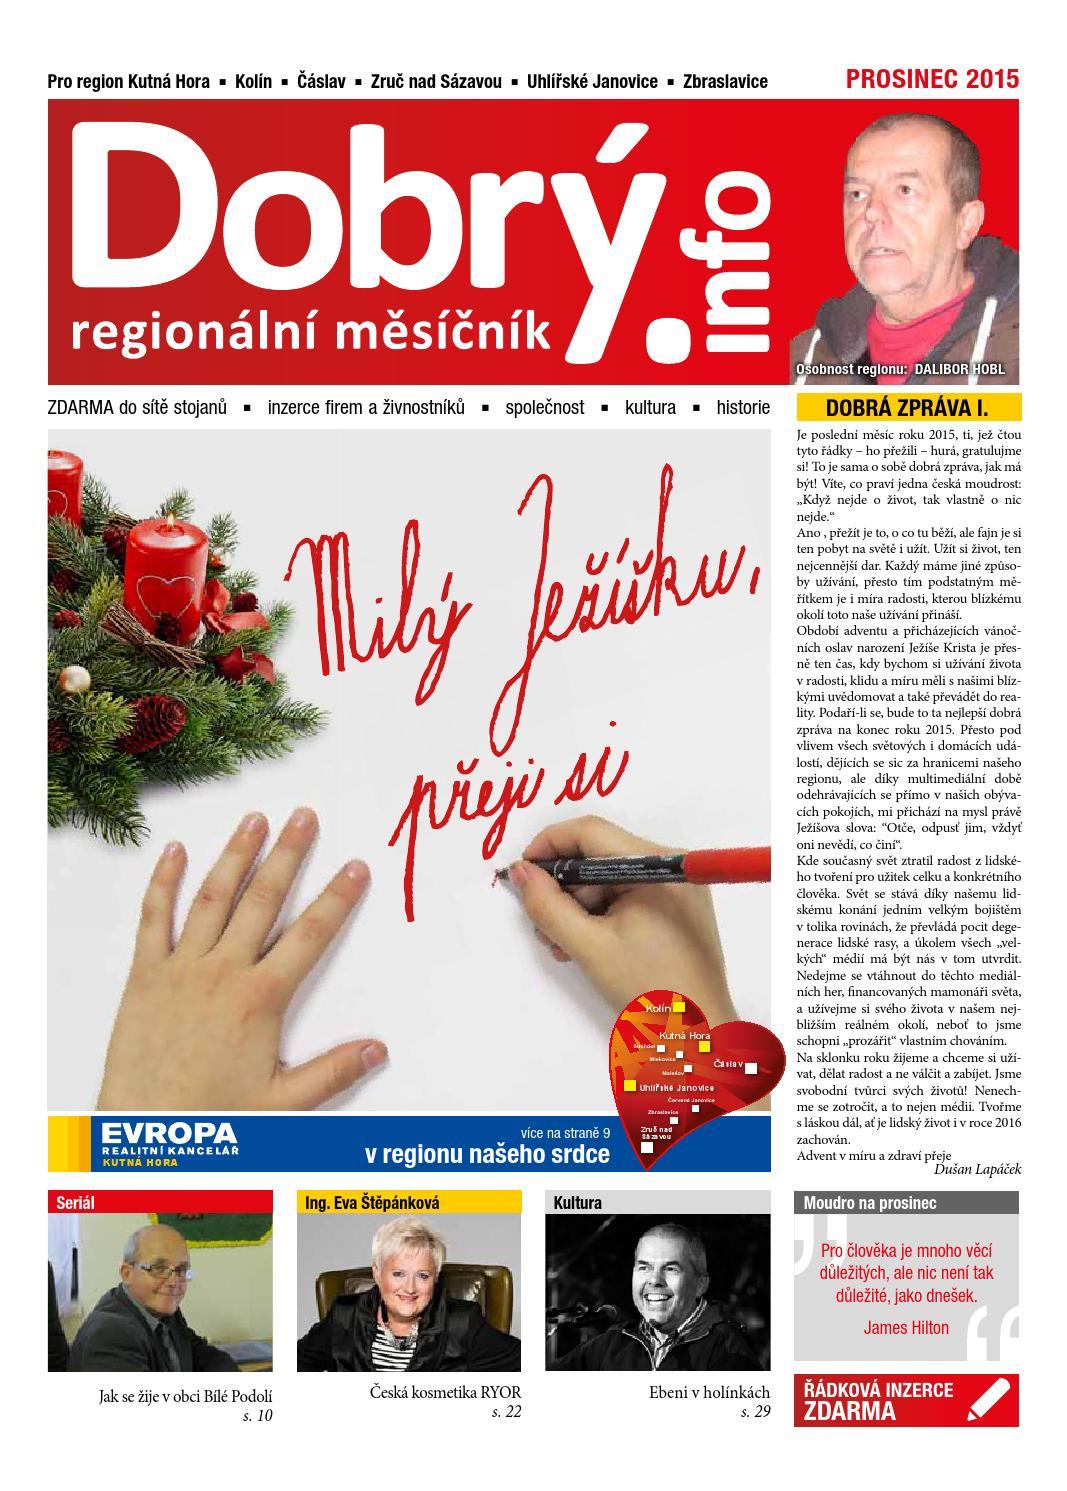 Dobry info 12 2015 by Lepor cz - issuu 24ab252bdc